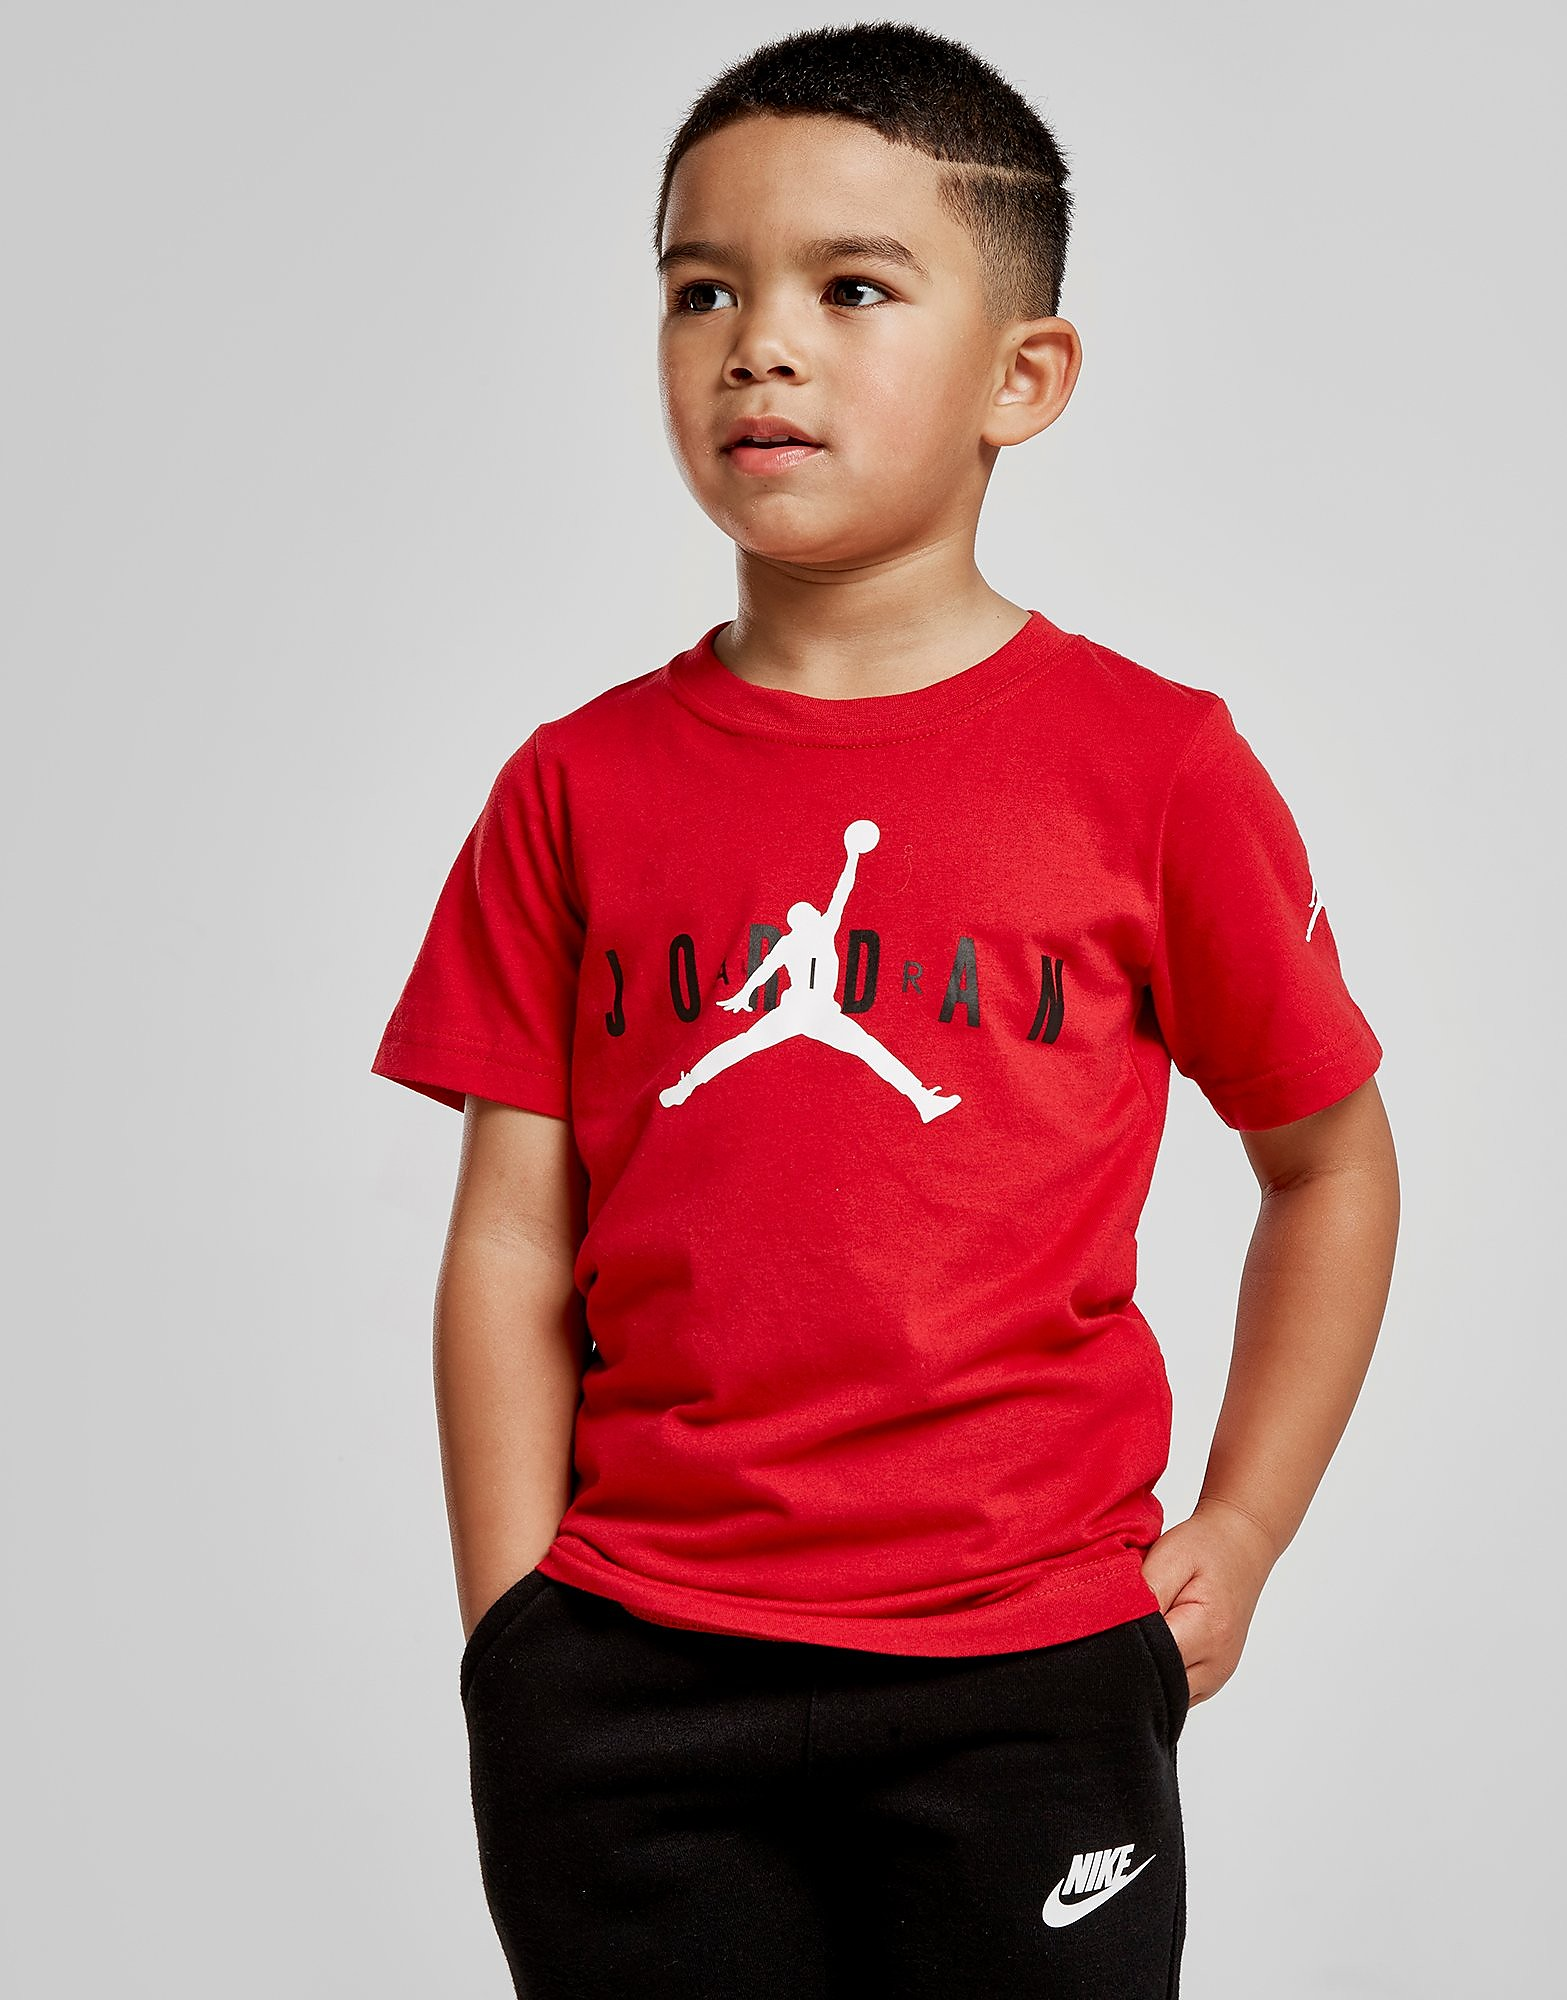 Jordan Brand 5 T-Shirt Kinderen - Rood - Kind